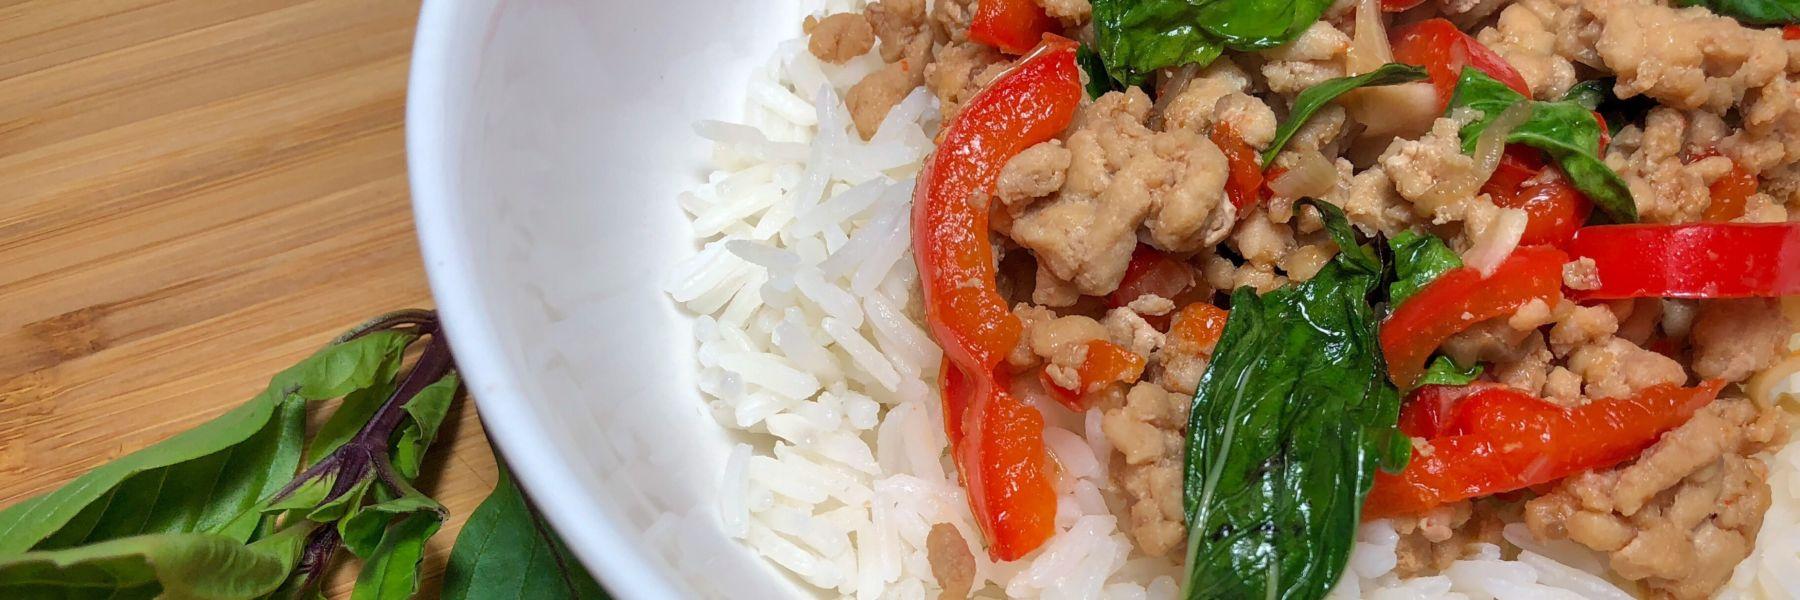 thai-basil-chicken-recipe